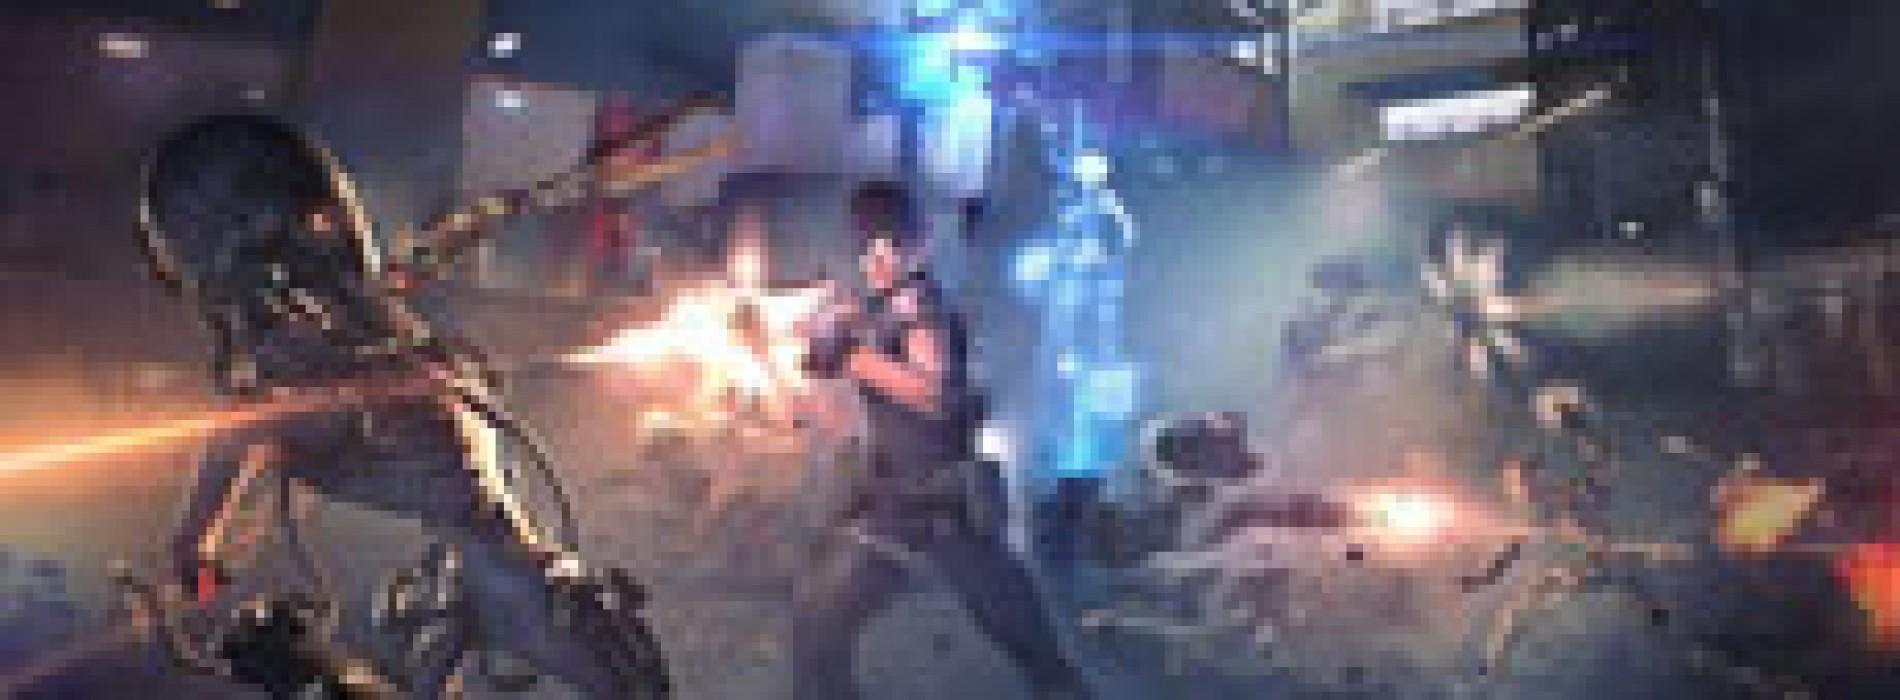 Llega segunda actualización de nueva versión de Assault Fire